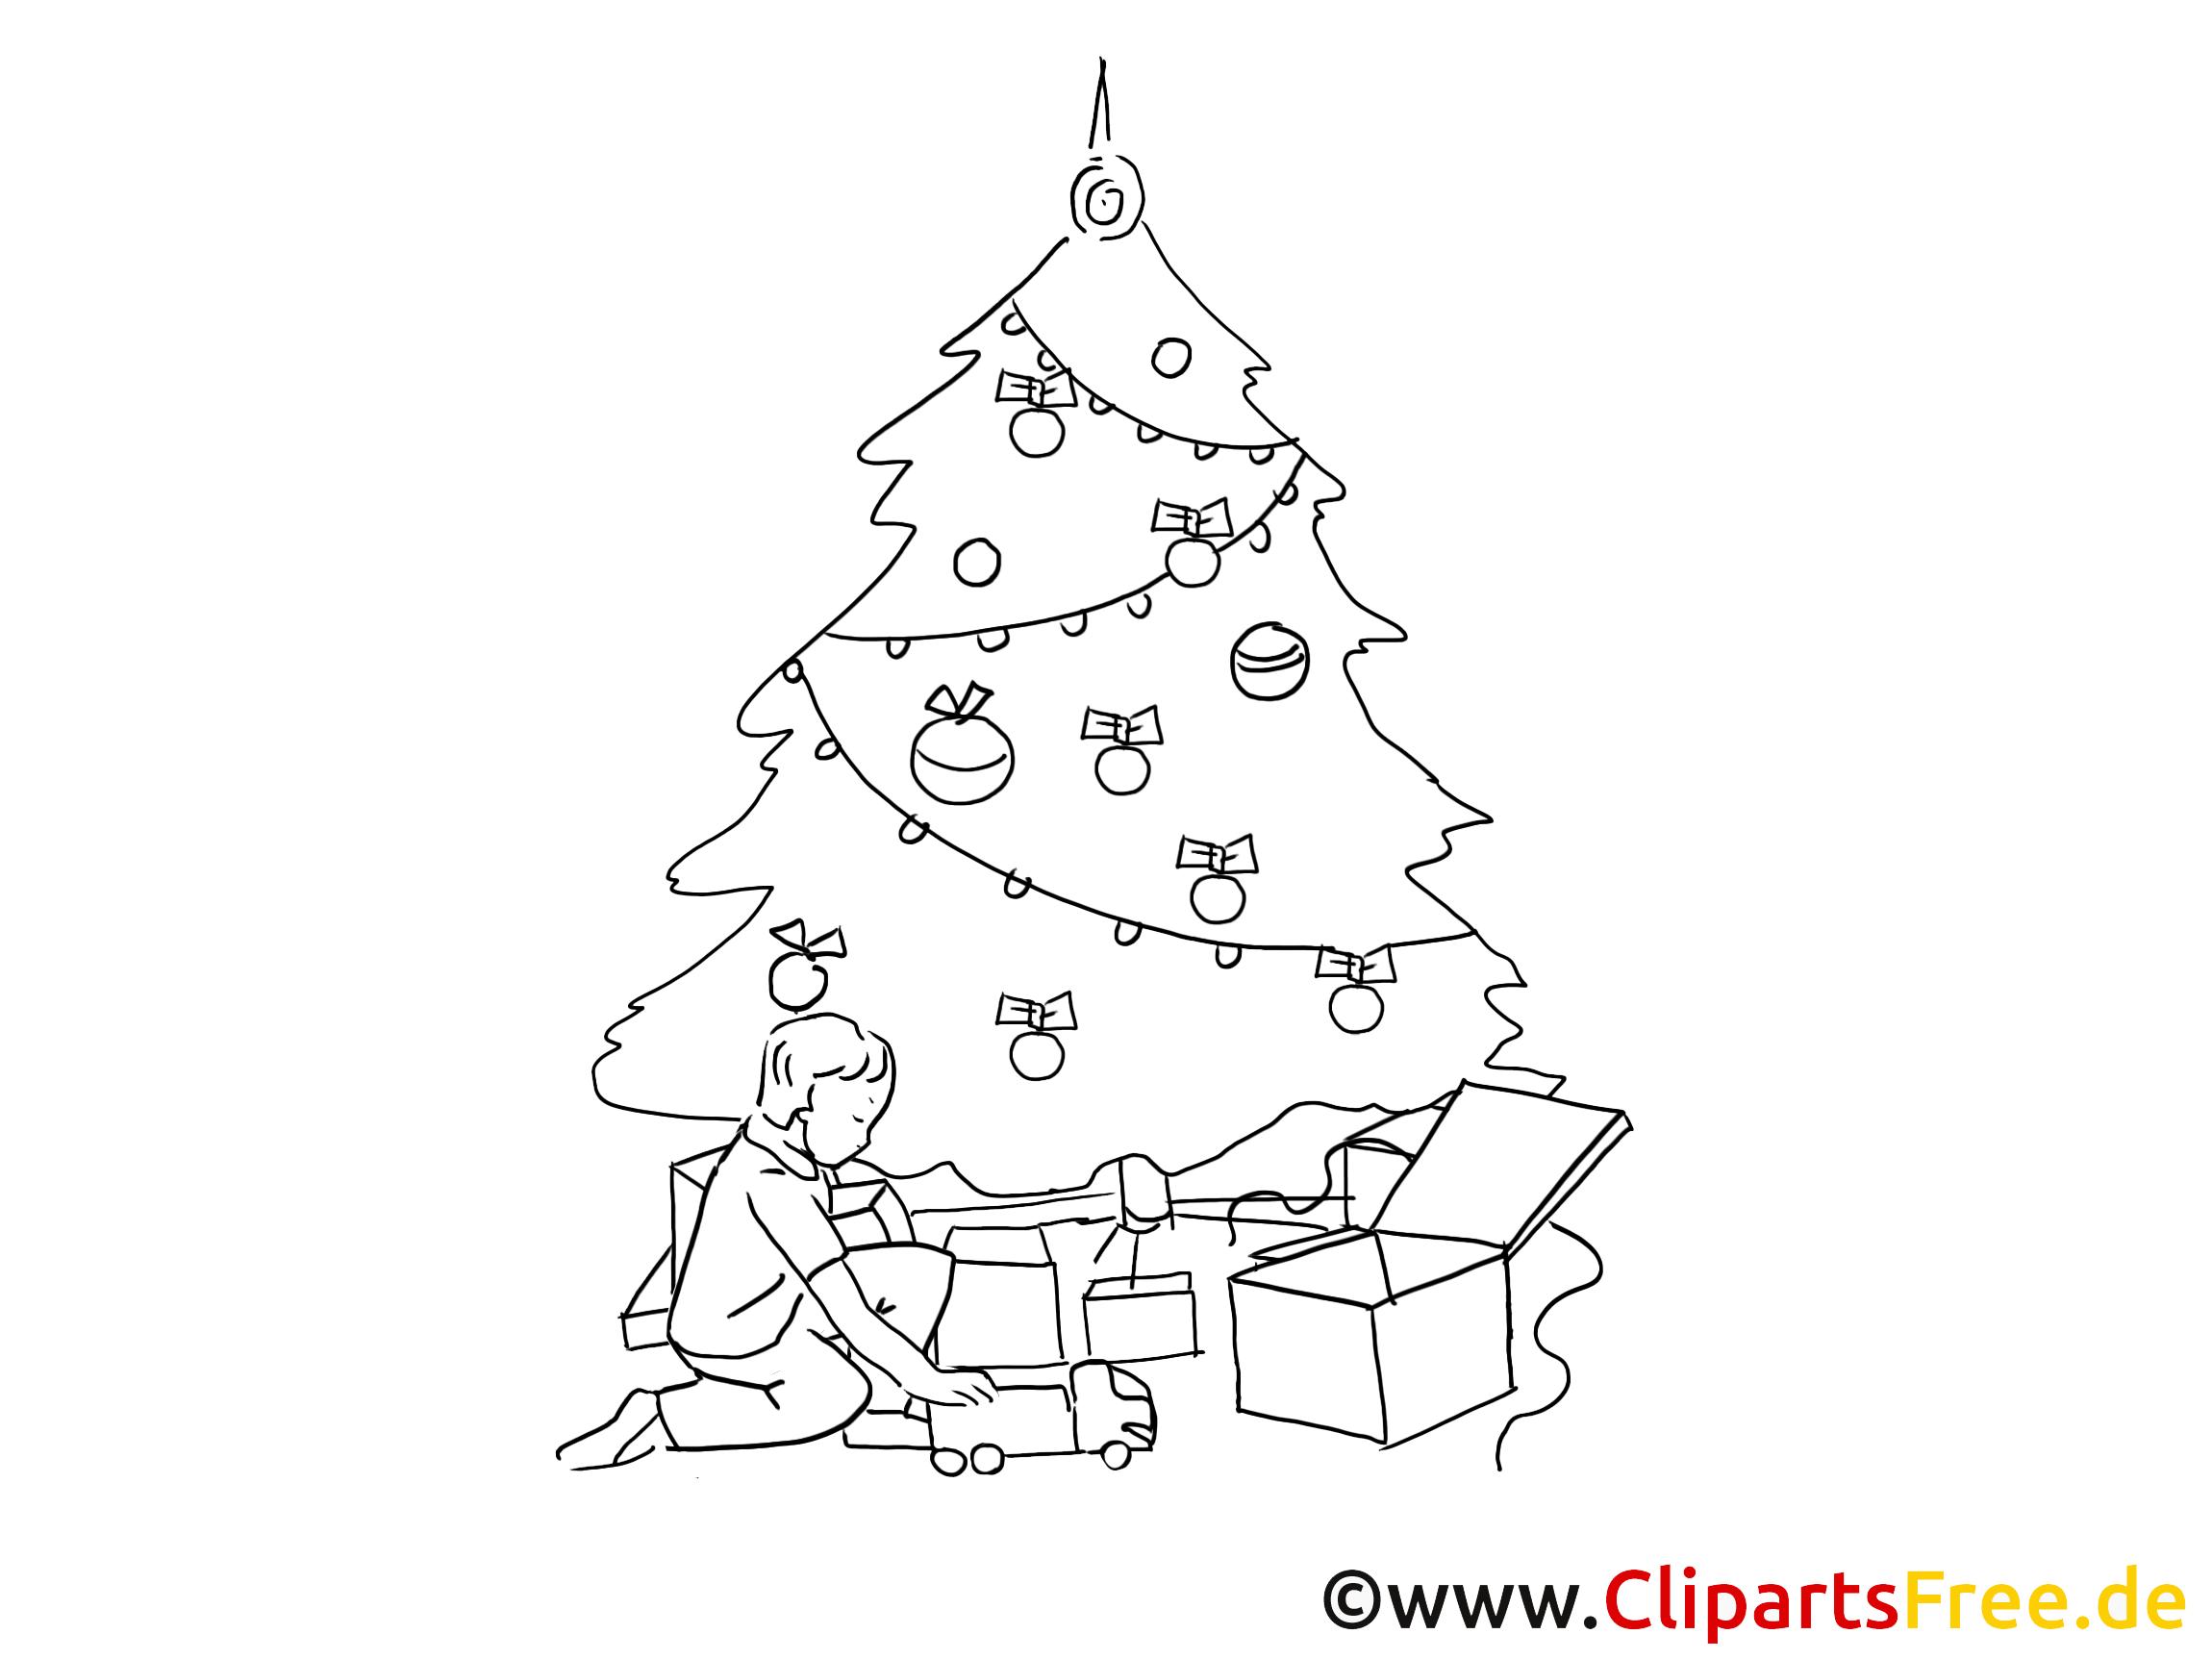 clipart weihnachten schwarz weiss